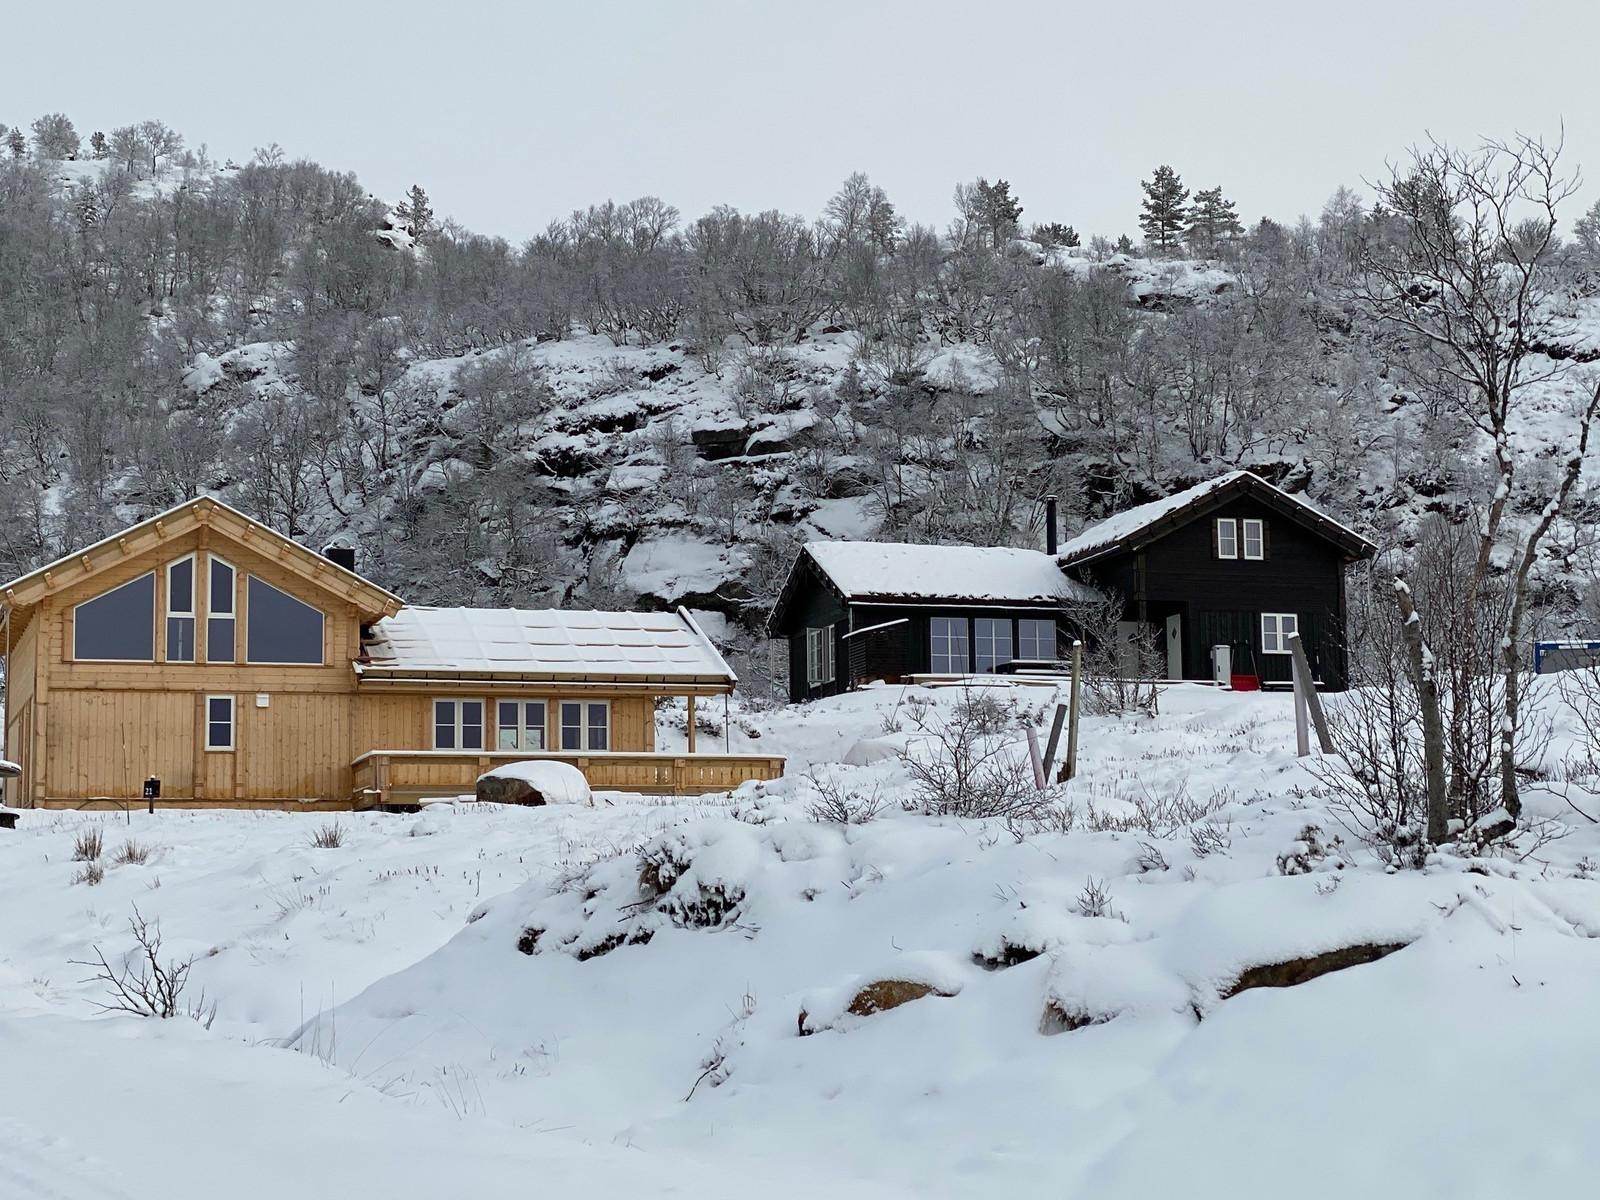 Kikut Panorama oppført på Hattevarden  - Med 2 ulike hems- og vindusløsninger, med enten flott loftstue eller 2 ekstra soverom (6 totalt)